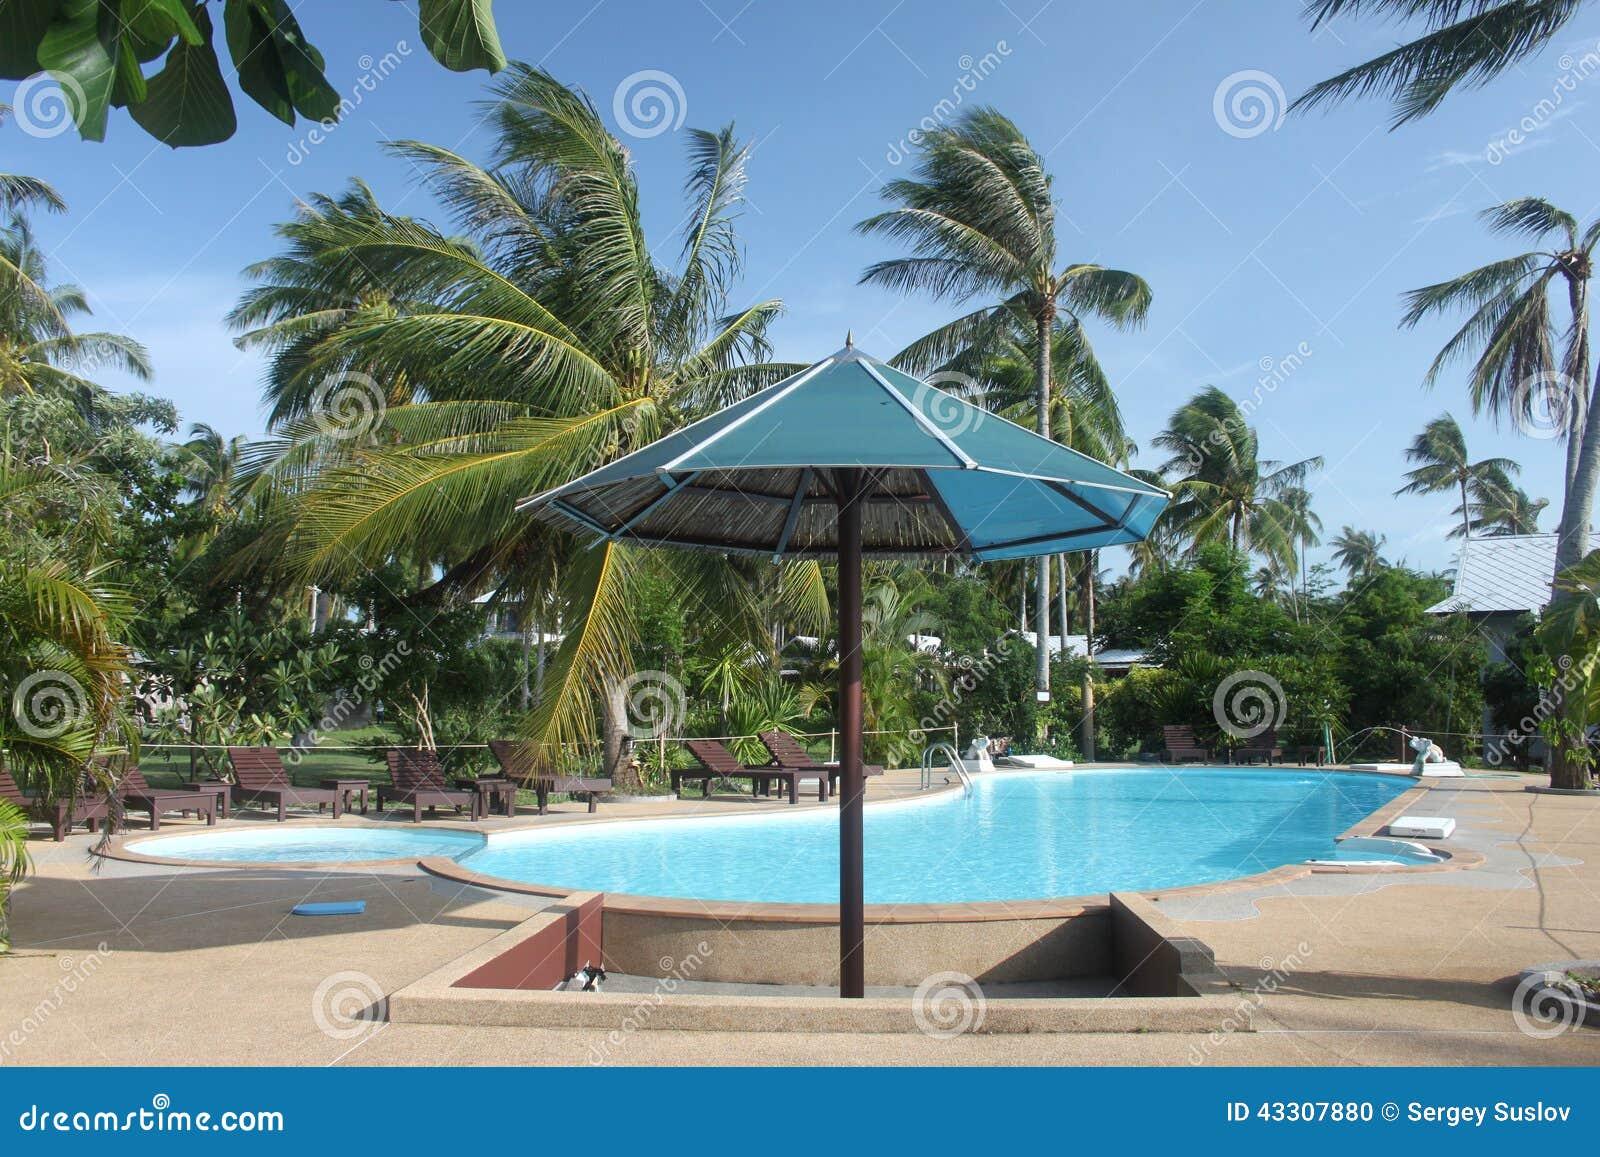 Un parasol avec la piscine avec les pamls clairs de l 39 eau for Piscine ile bleue seynod